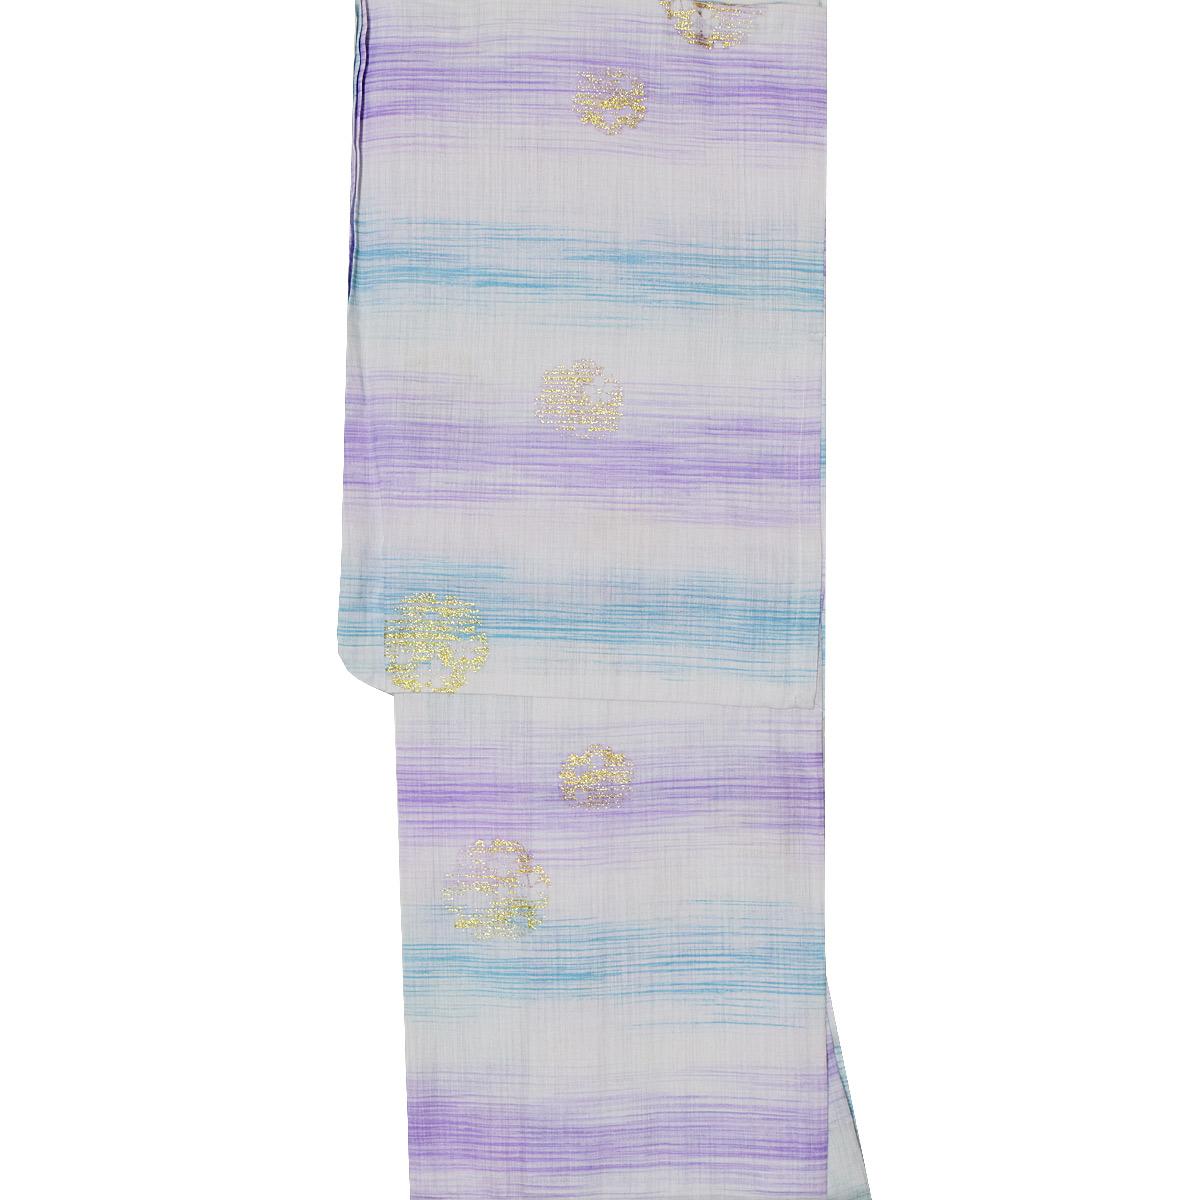 【綿麻】ブランド 浴衣 単品麻混 ゆかた yukata お祭り レトロ モダン 青 紫番号b501-21